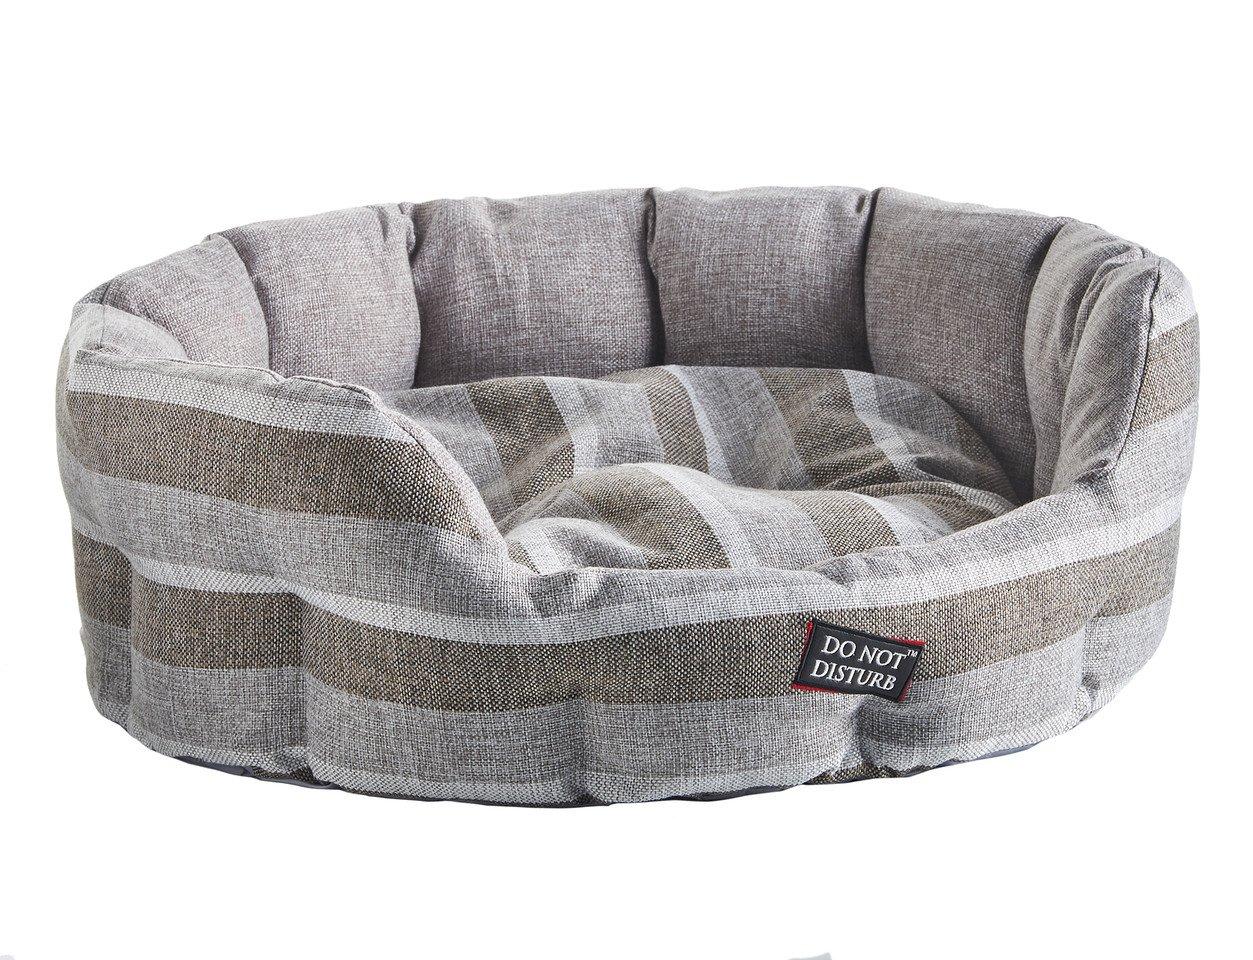 Do Not Disturb Hundebett, oval, 71cm, gestreift, grau